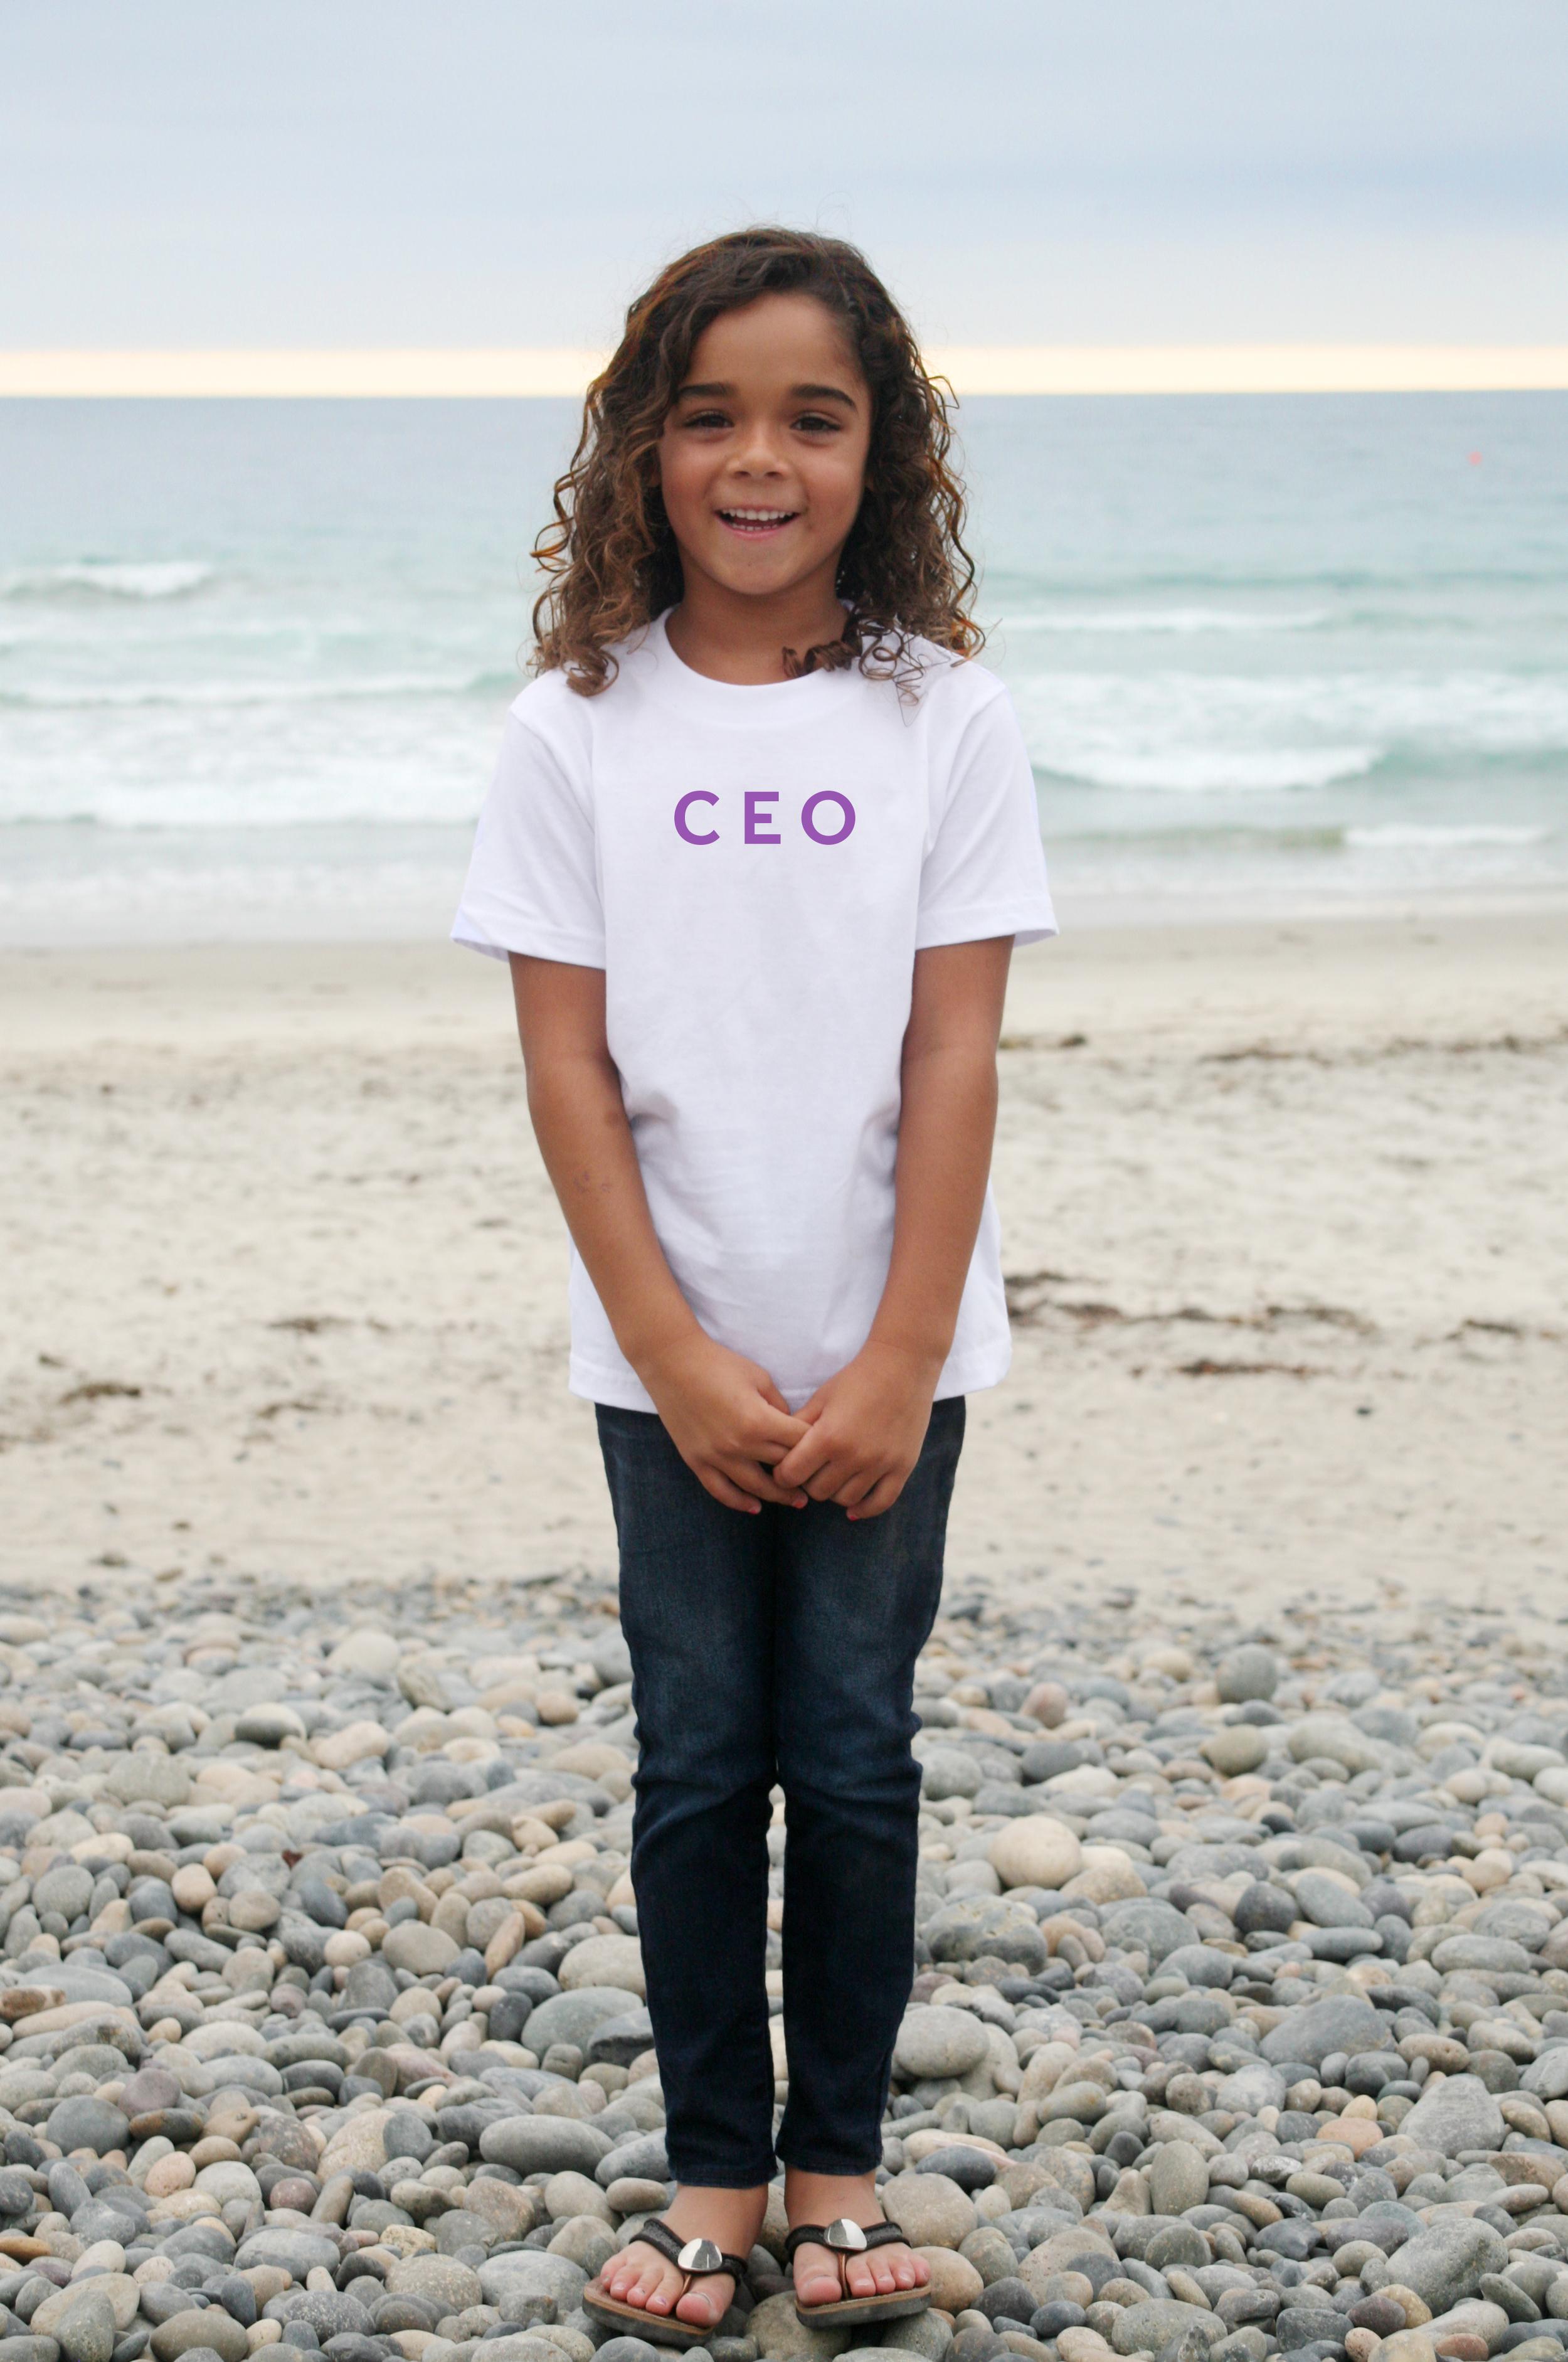 KidTee CEO.jpg